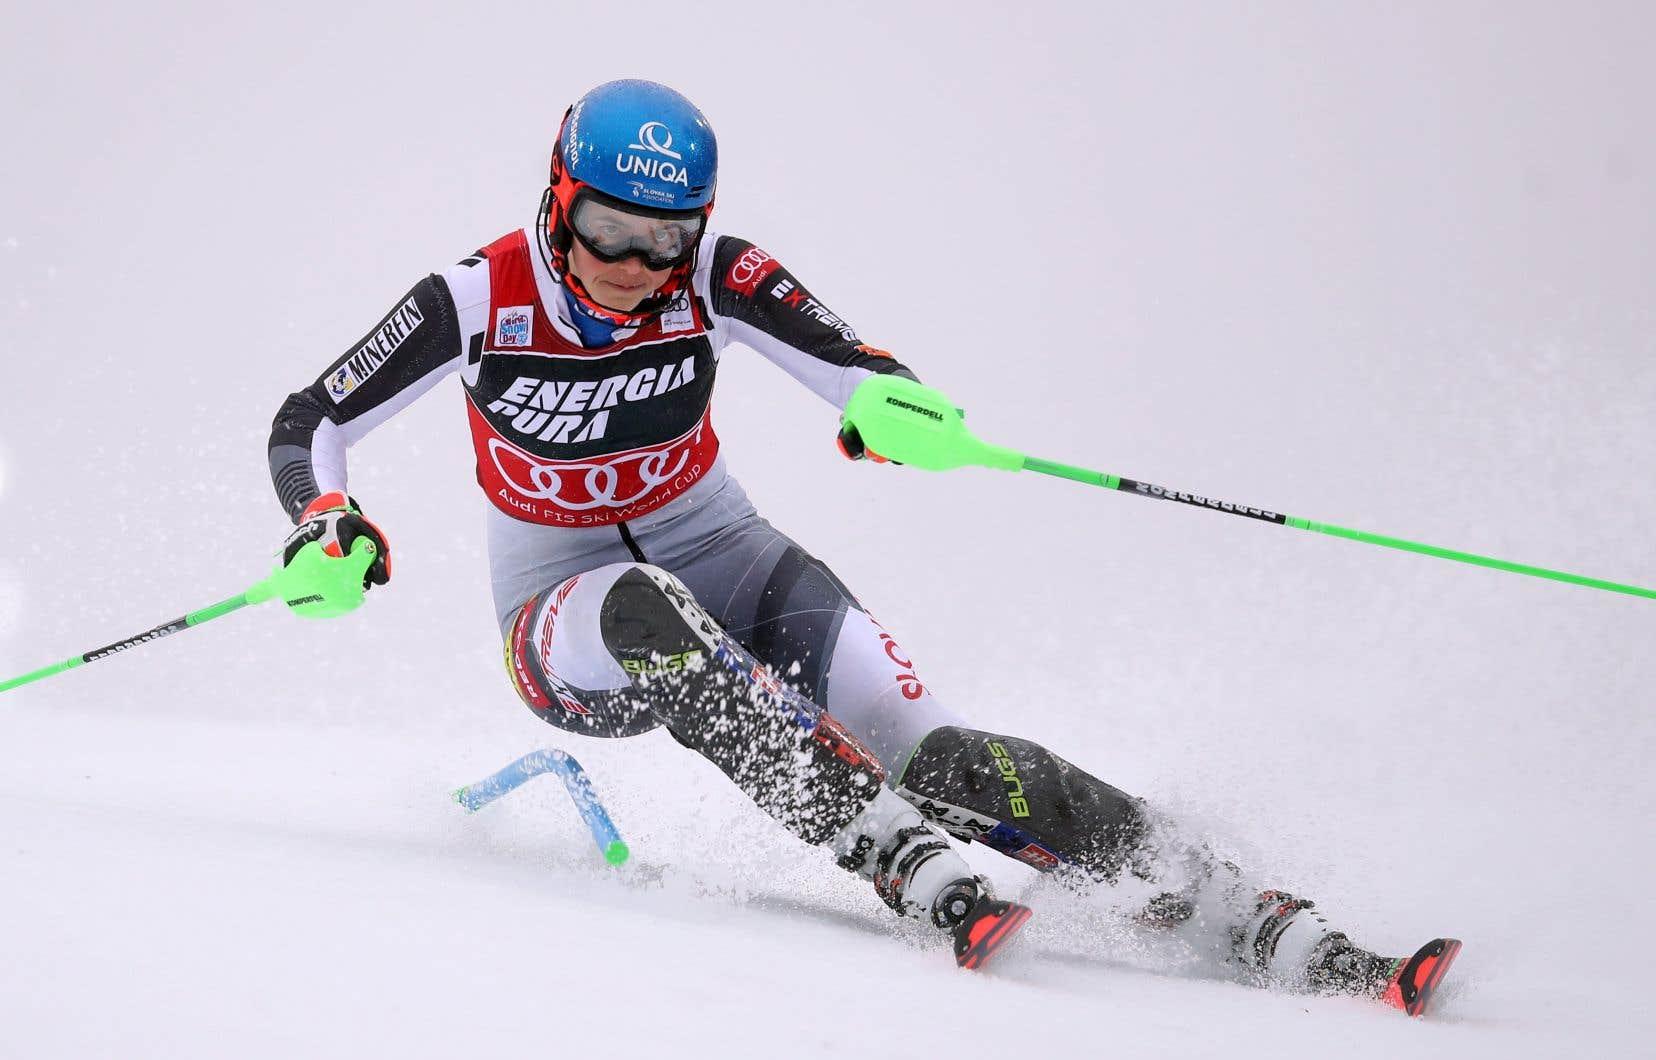 Vlhova a devancé l'Autrichienne Katharina Liensberger de cinq centièmes de seconde et la Suissesse Michelle Gisin